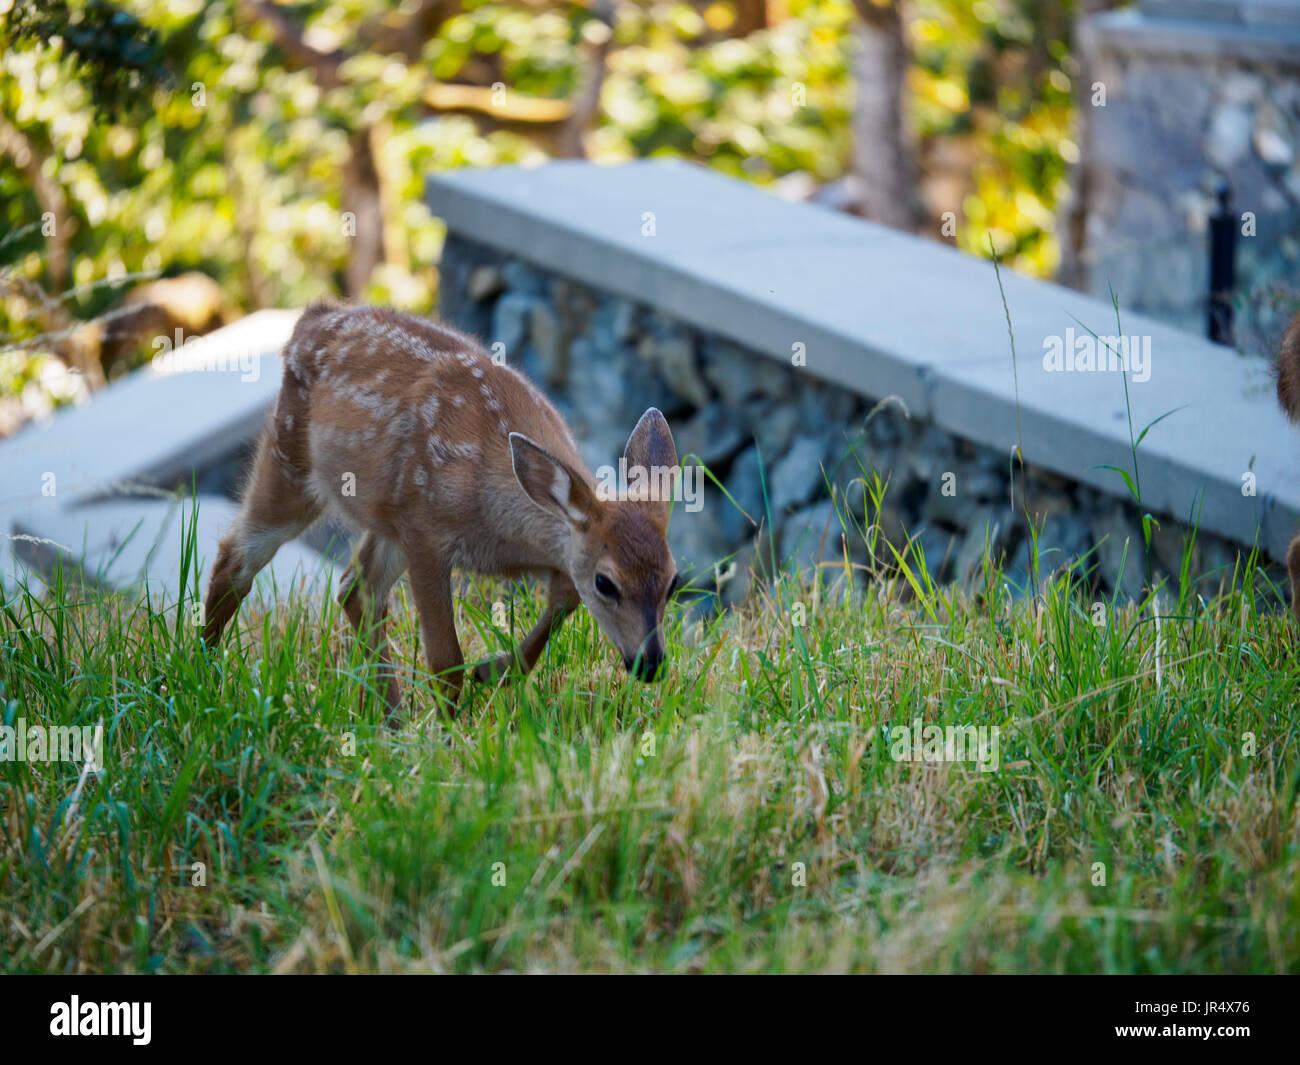 bambi stock photos u0026 bambi stock images alamy